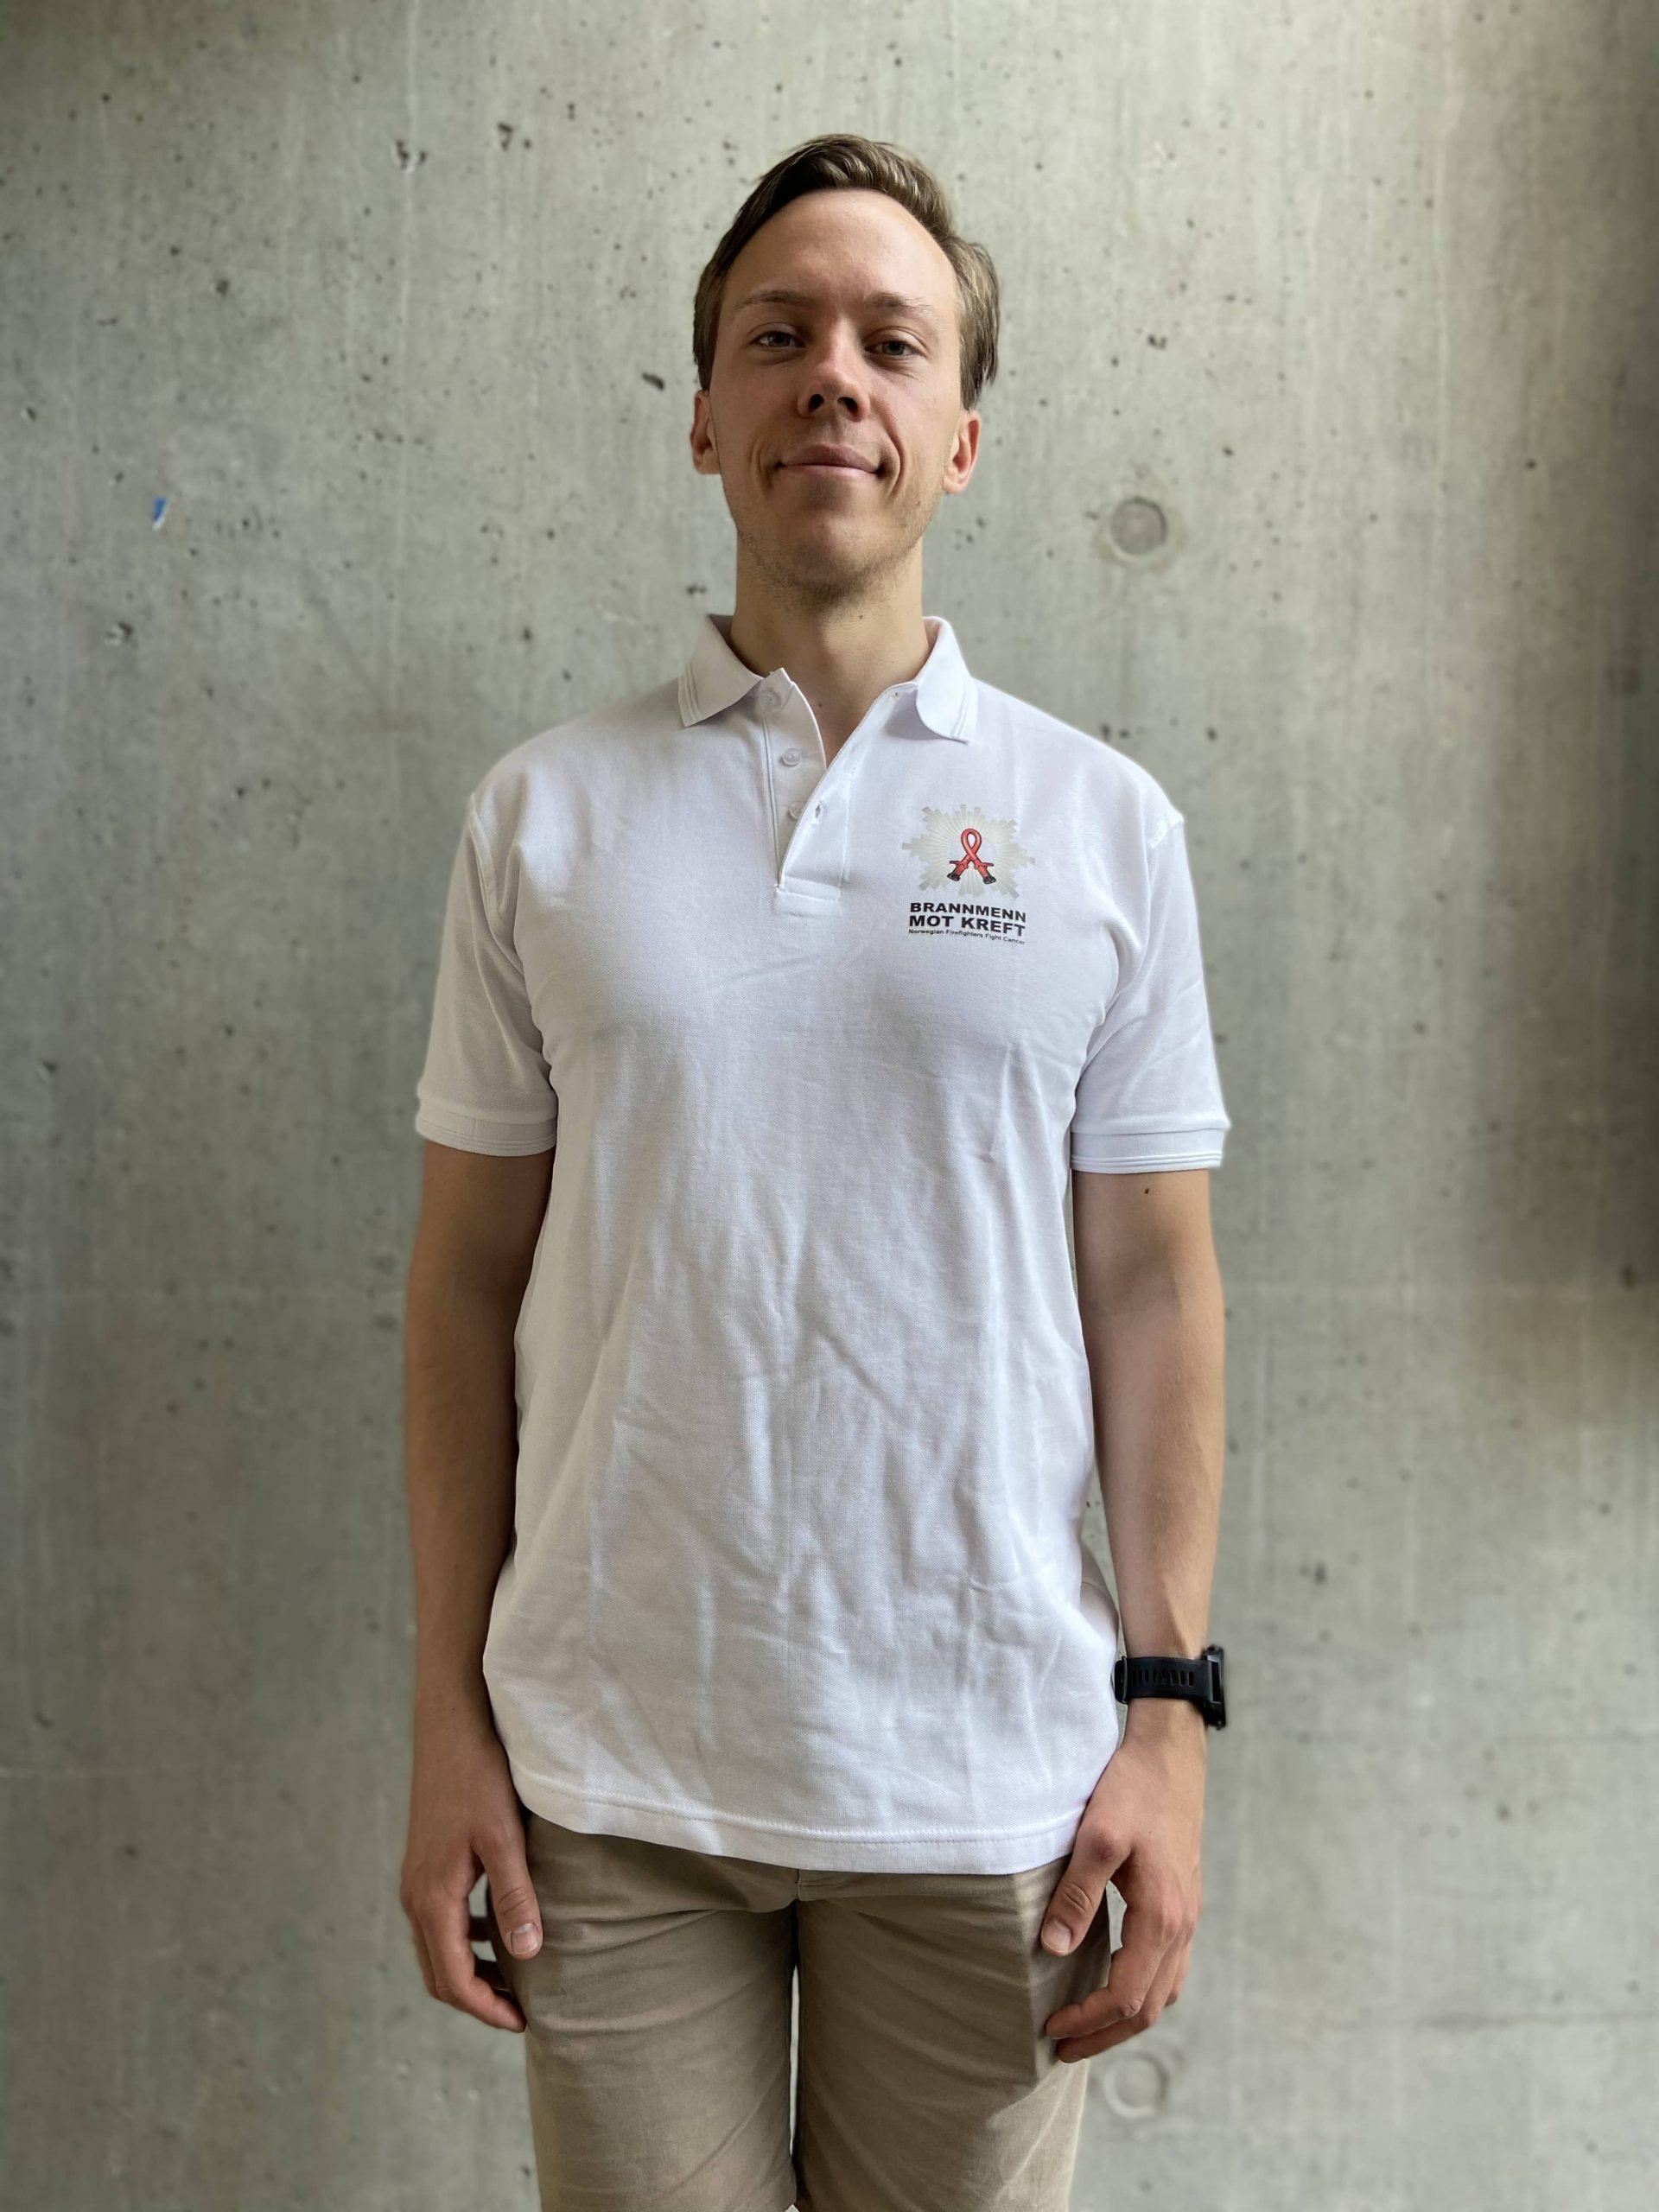 Hvit T skjorte | Brannmenn Mot Kreft